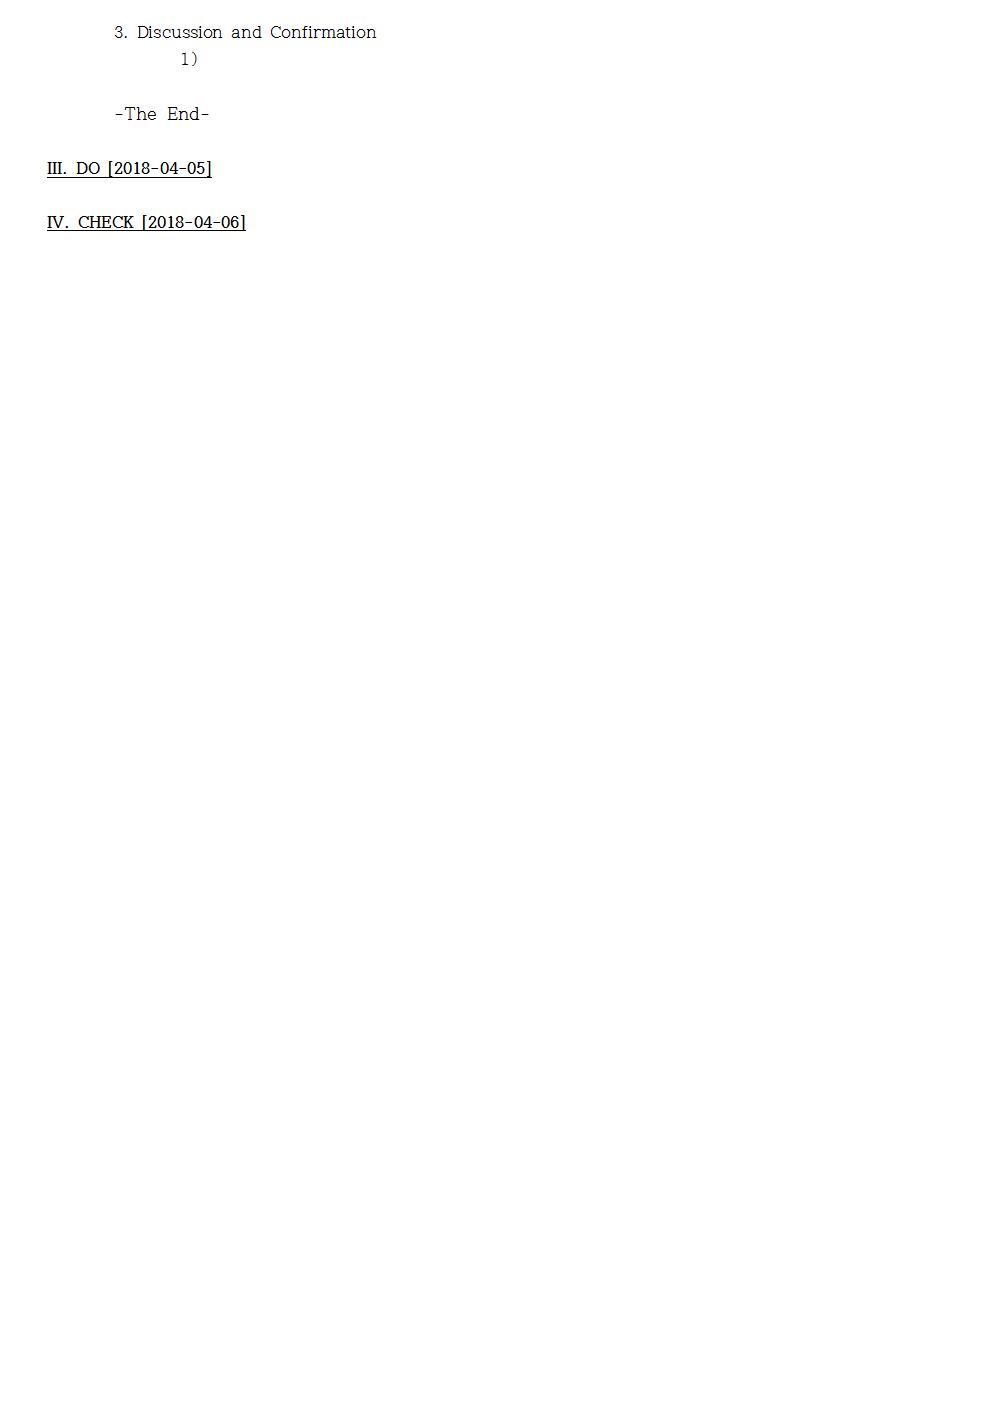 D-[18-039-PP-15]-[MS-Thesis-MR]-[2018-04-02]-[MR]002.jpg